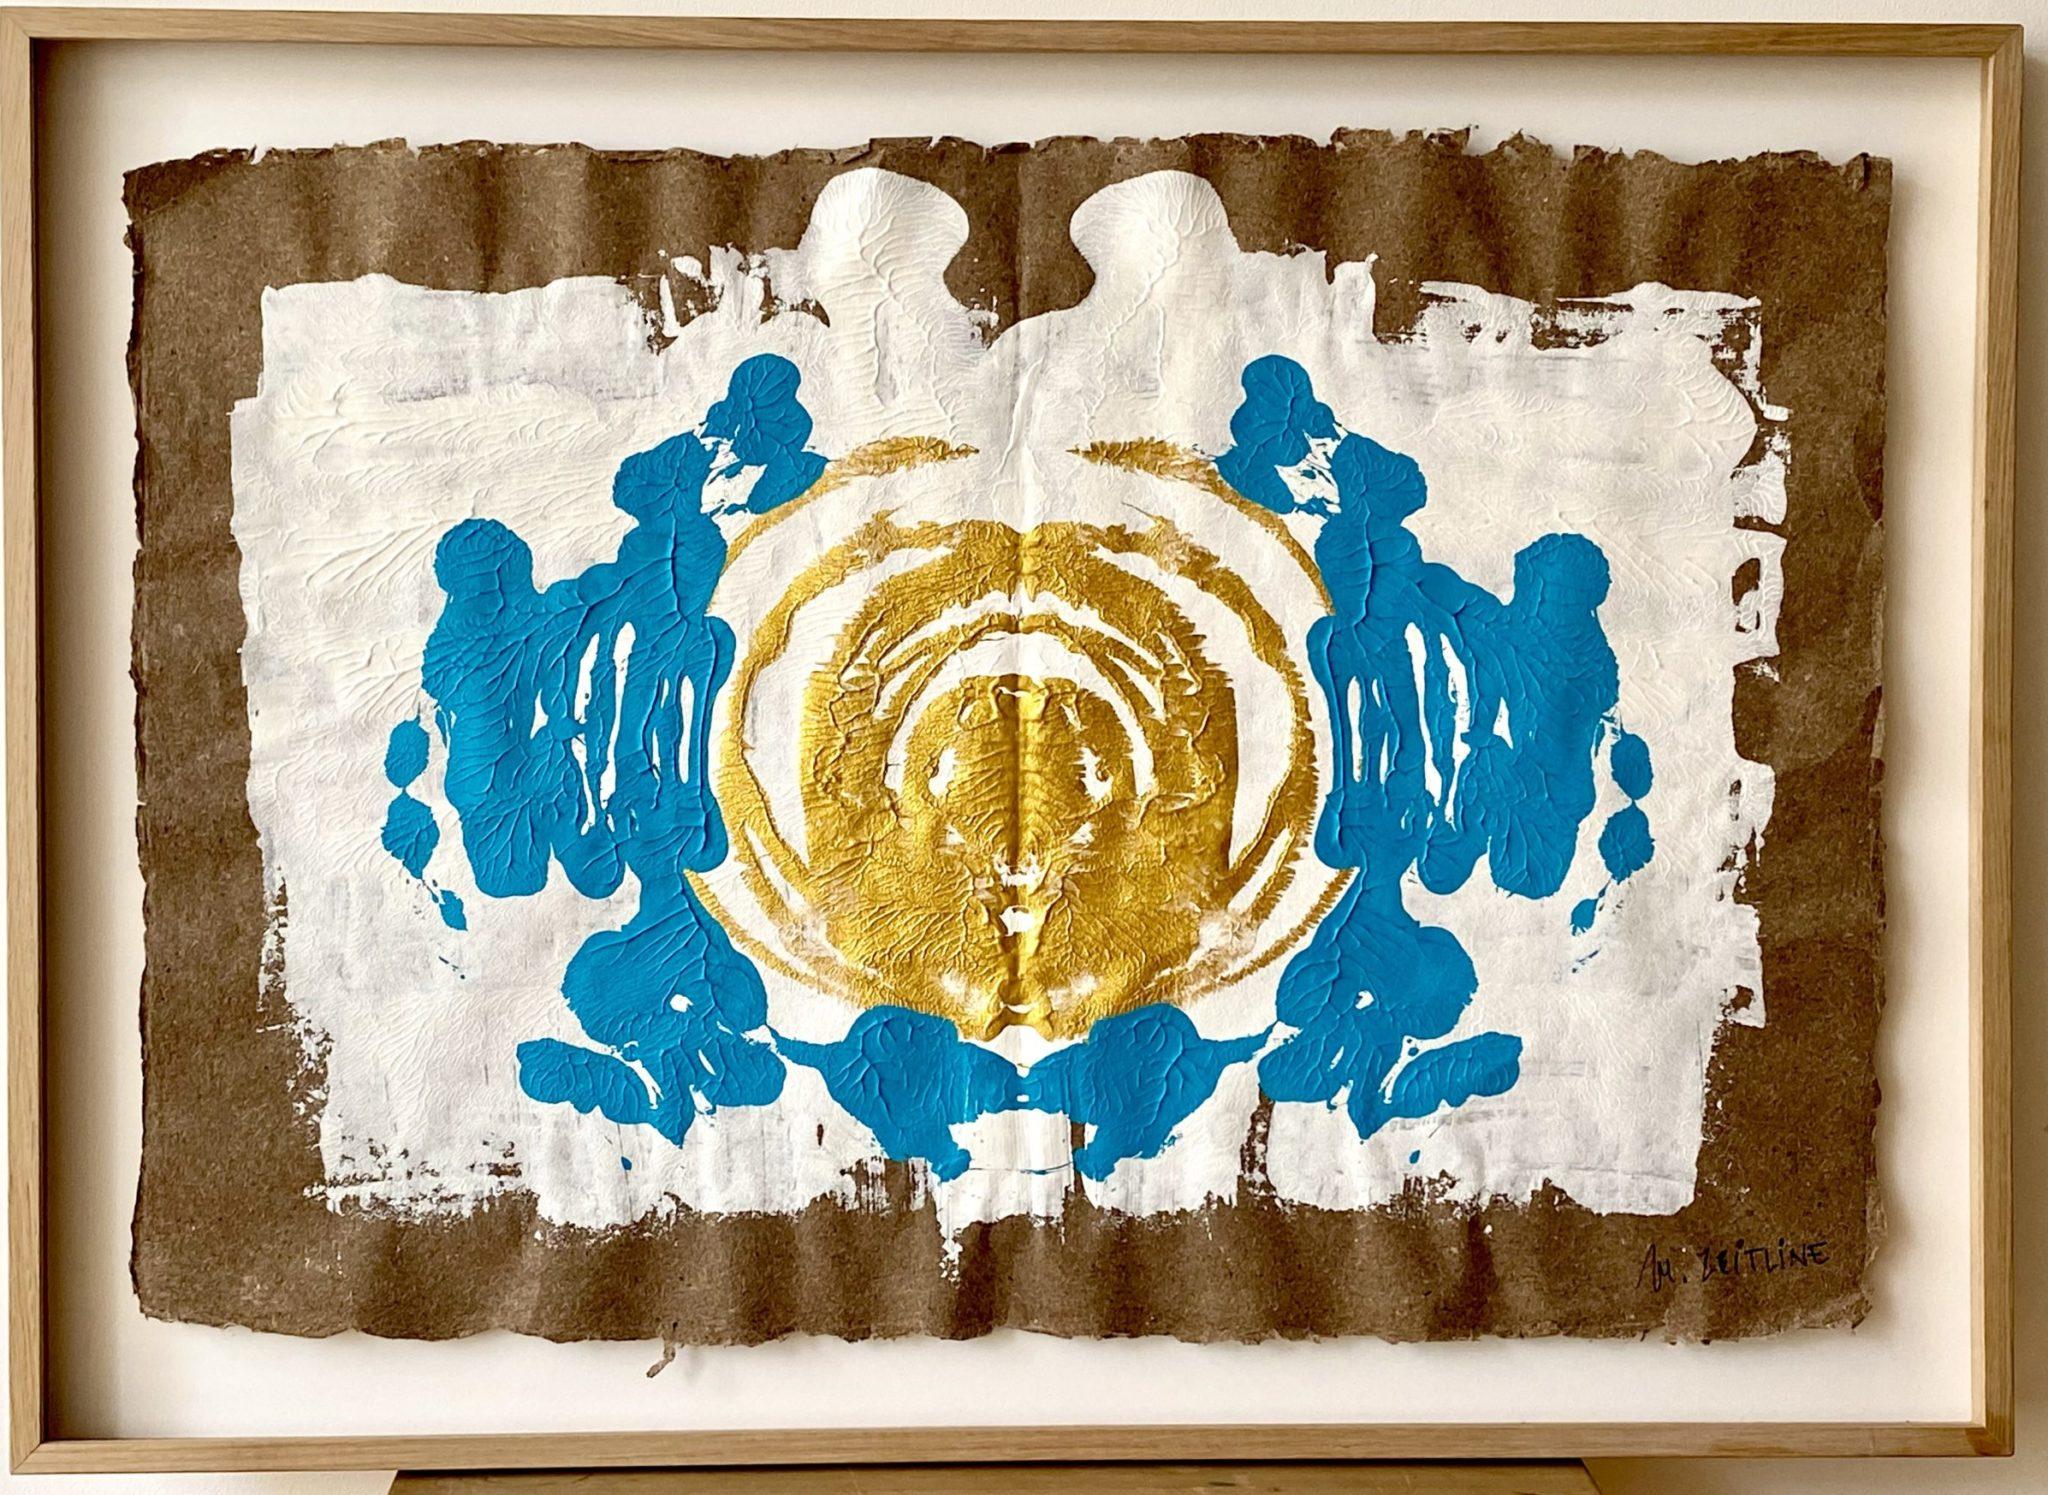 Andromeda - acrylique sur papier - 72 x 100 cmMESGMZM04